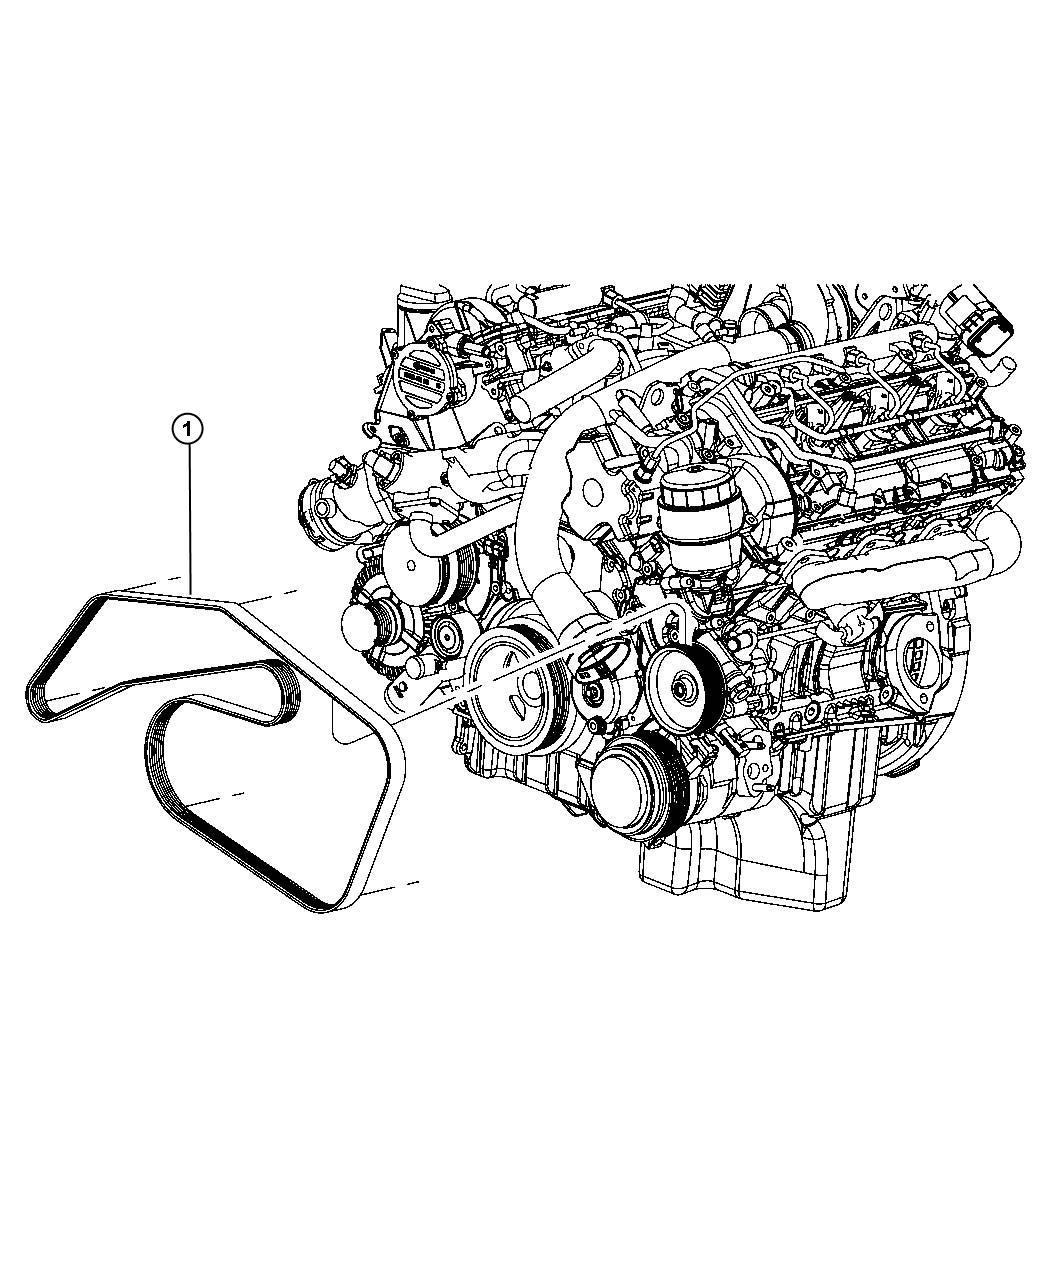 Dodge Sprinter Belt Serpentine With Air